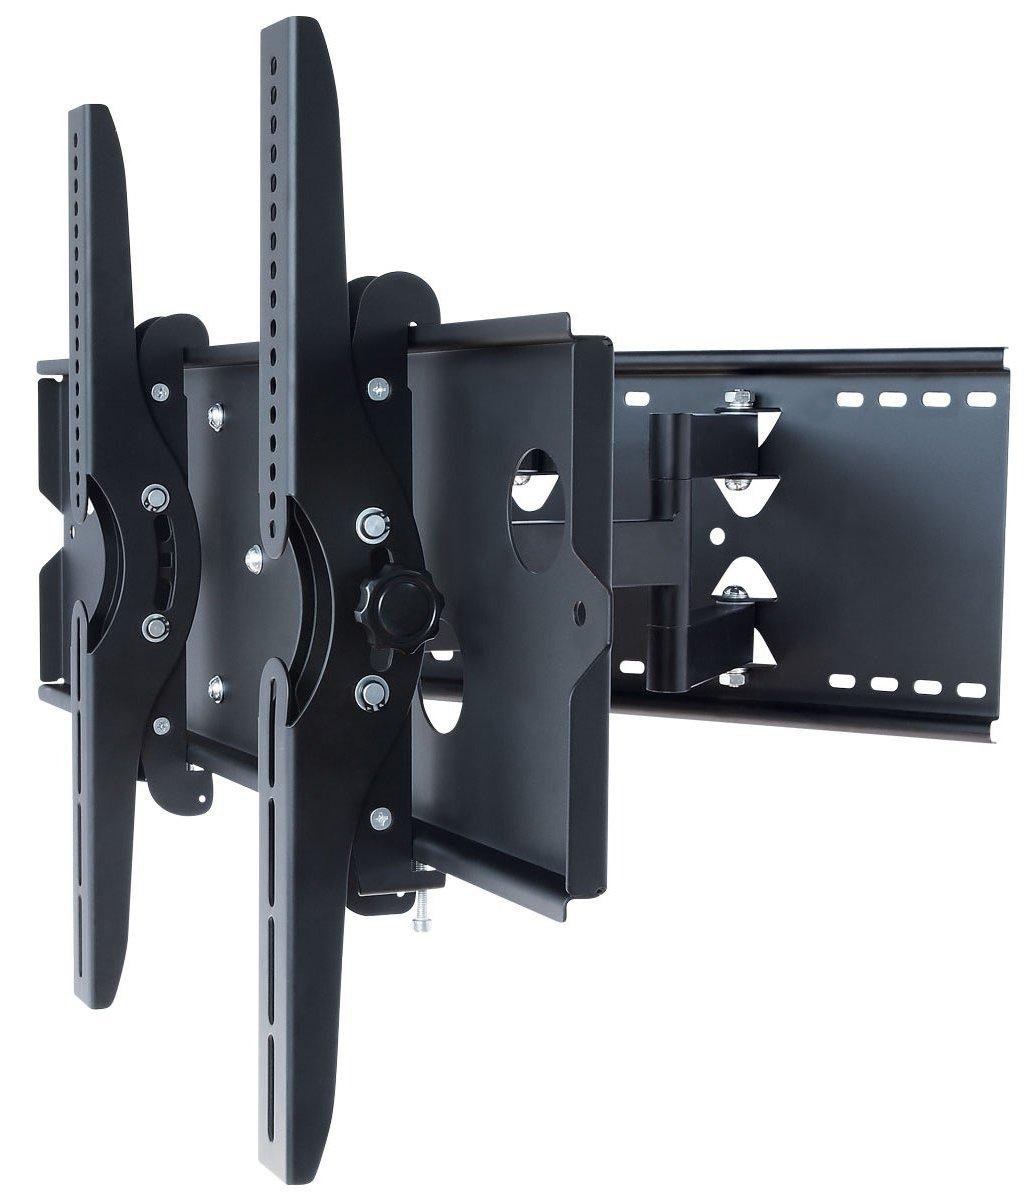 ultimate mounts twin arm cantilever bracket 35 70 tvs. Black Bedroom Furniture Sets. Home Design Ideas